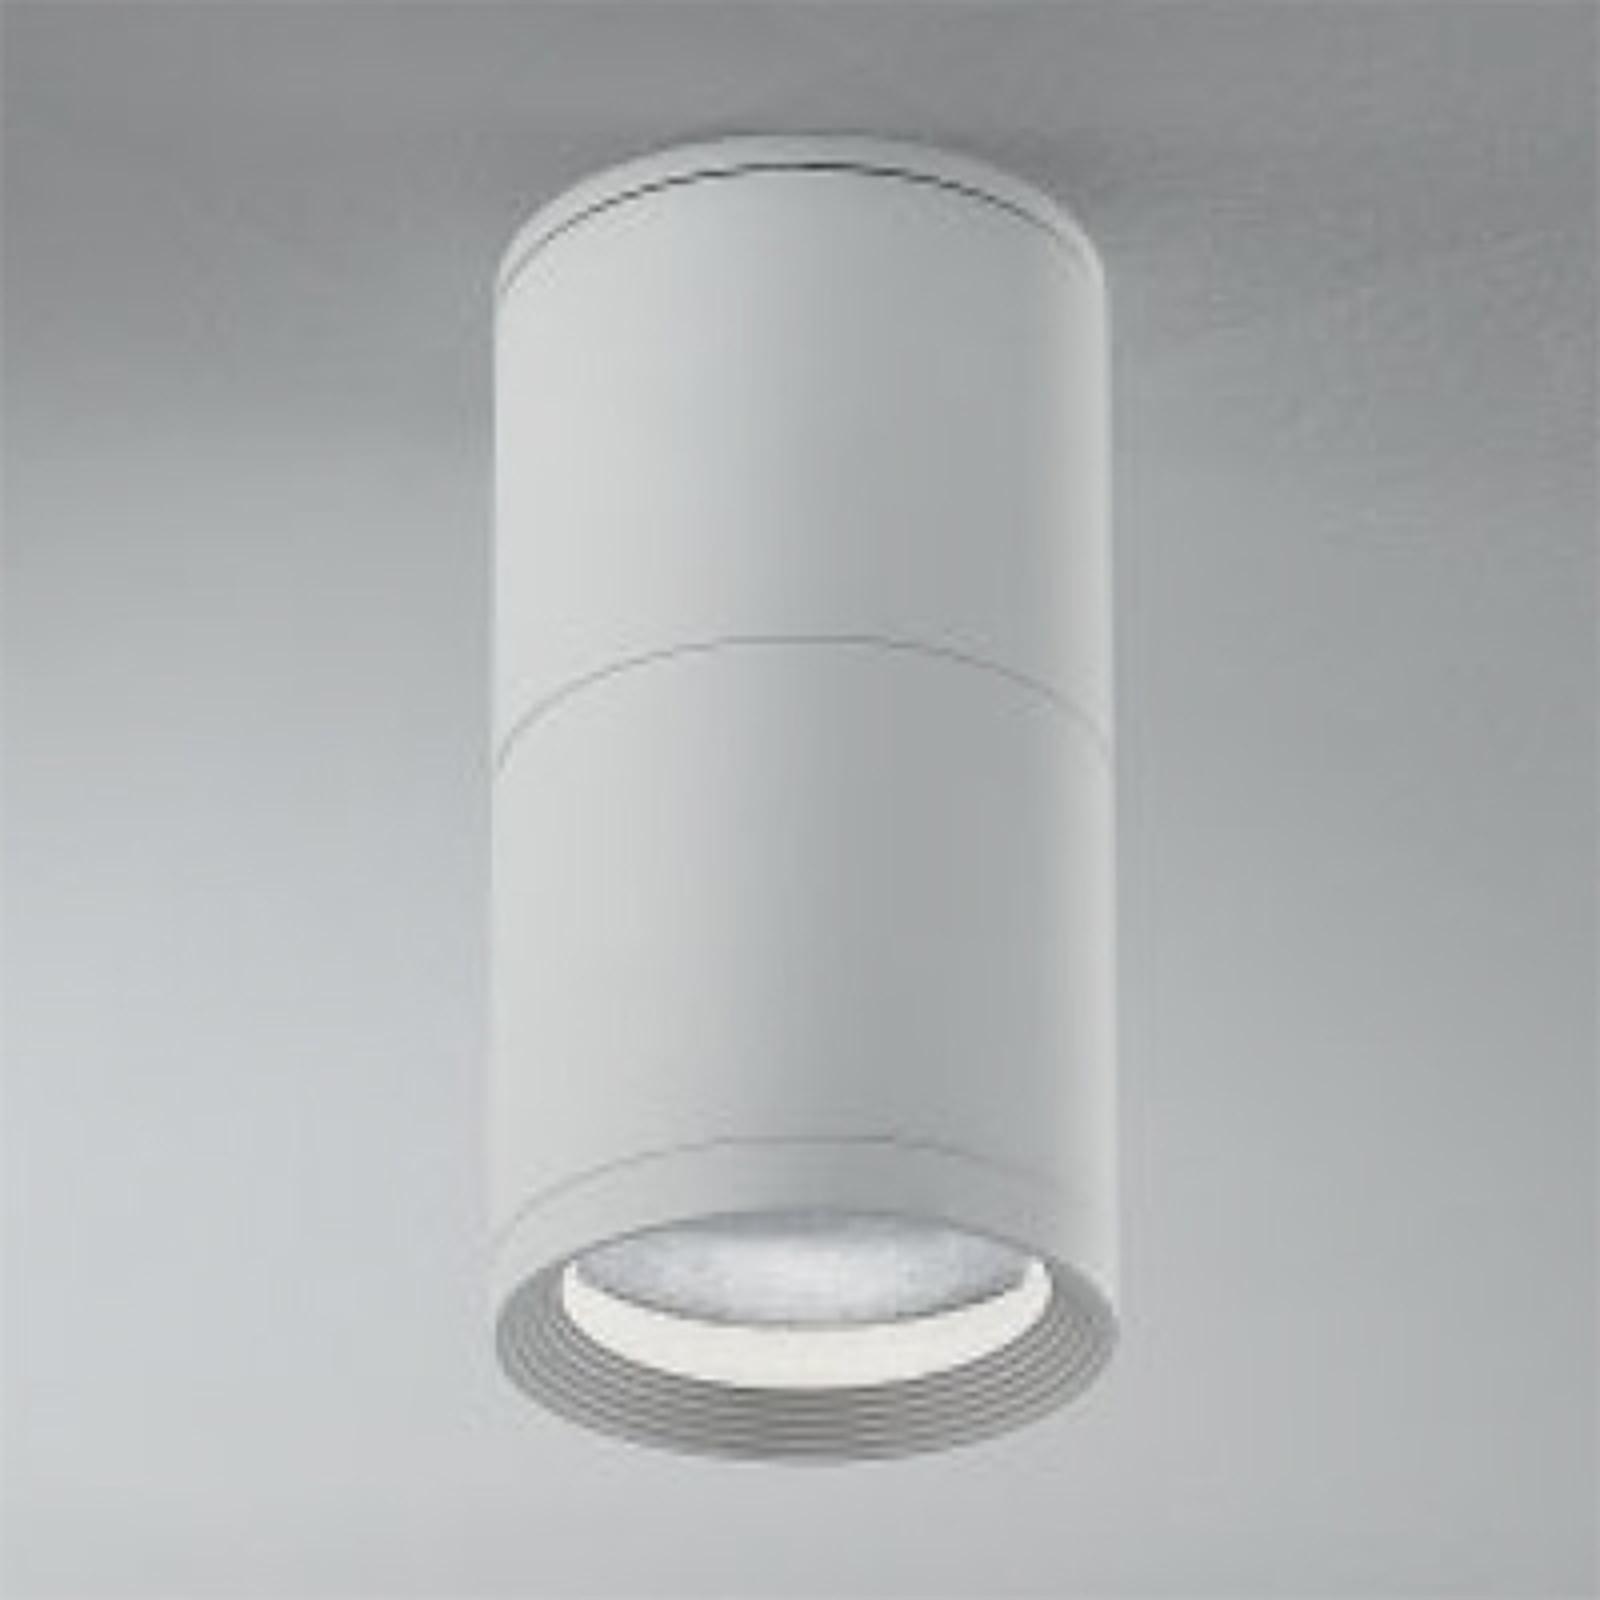 Moderno faretto da soffitto CL 15 bianco